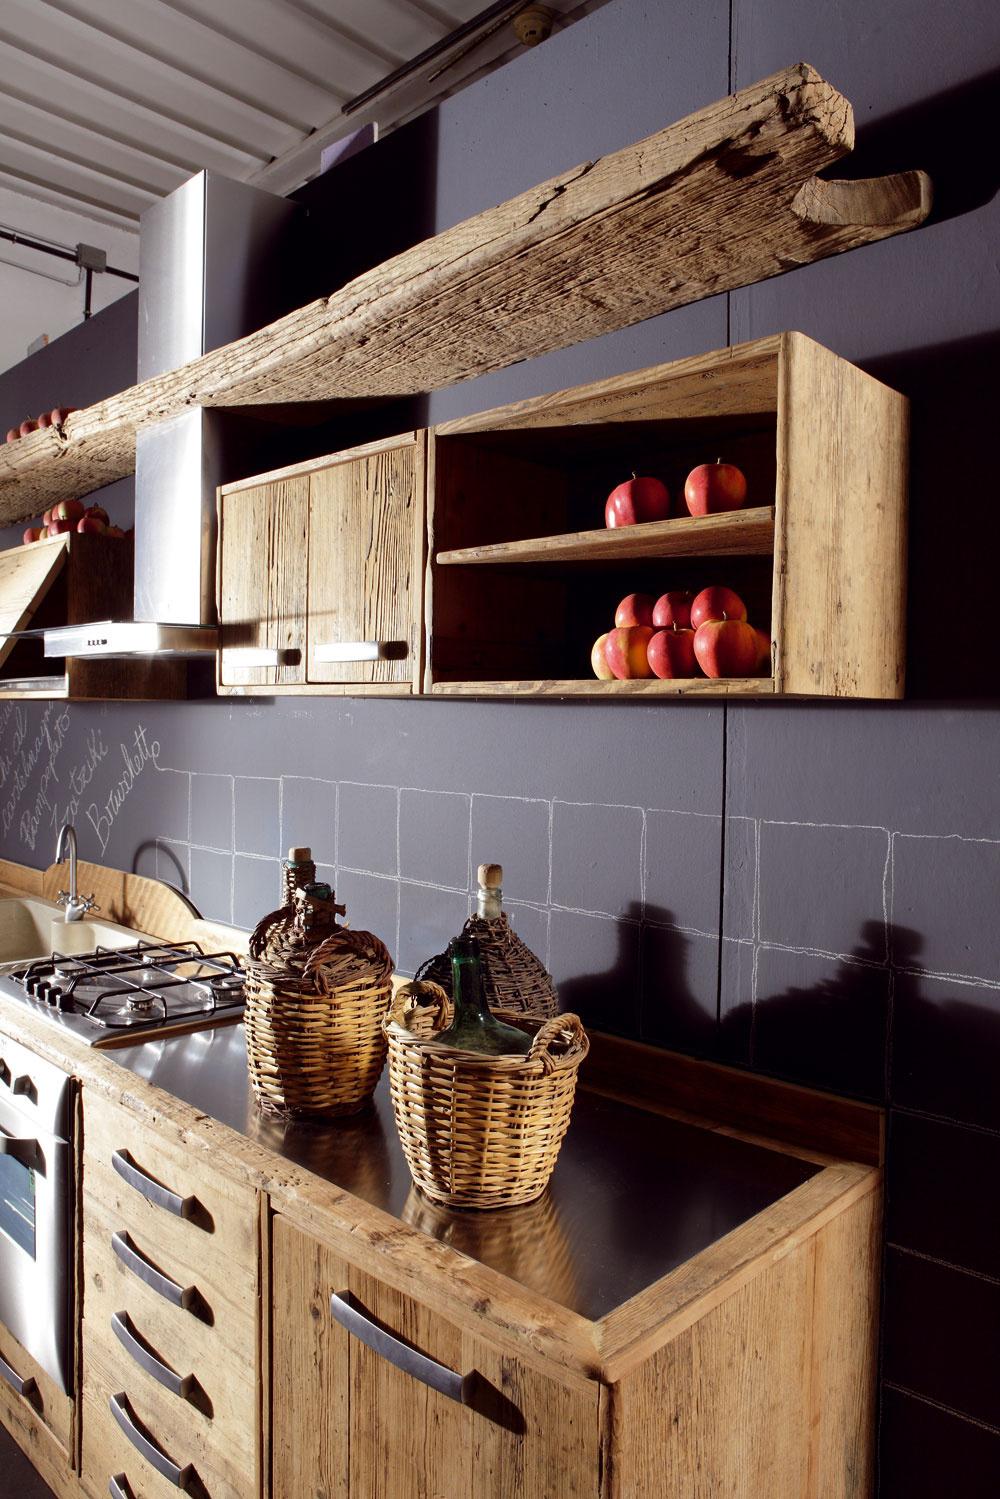 Materiál typický pre vidiecke kuchyne sa vkráda do moderných technicky ladených interiérov. Hľadá sa krása kontrastu uhladenosti čistého industriálne ladeného priestoru amäkkého, teplého vidieka so všetkými prírodou vytvorenými chybami krásy, chápanými ako estetický prvok.